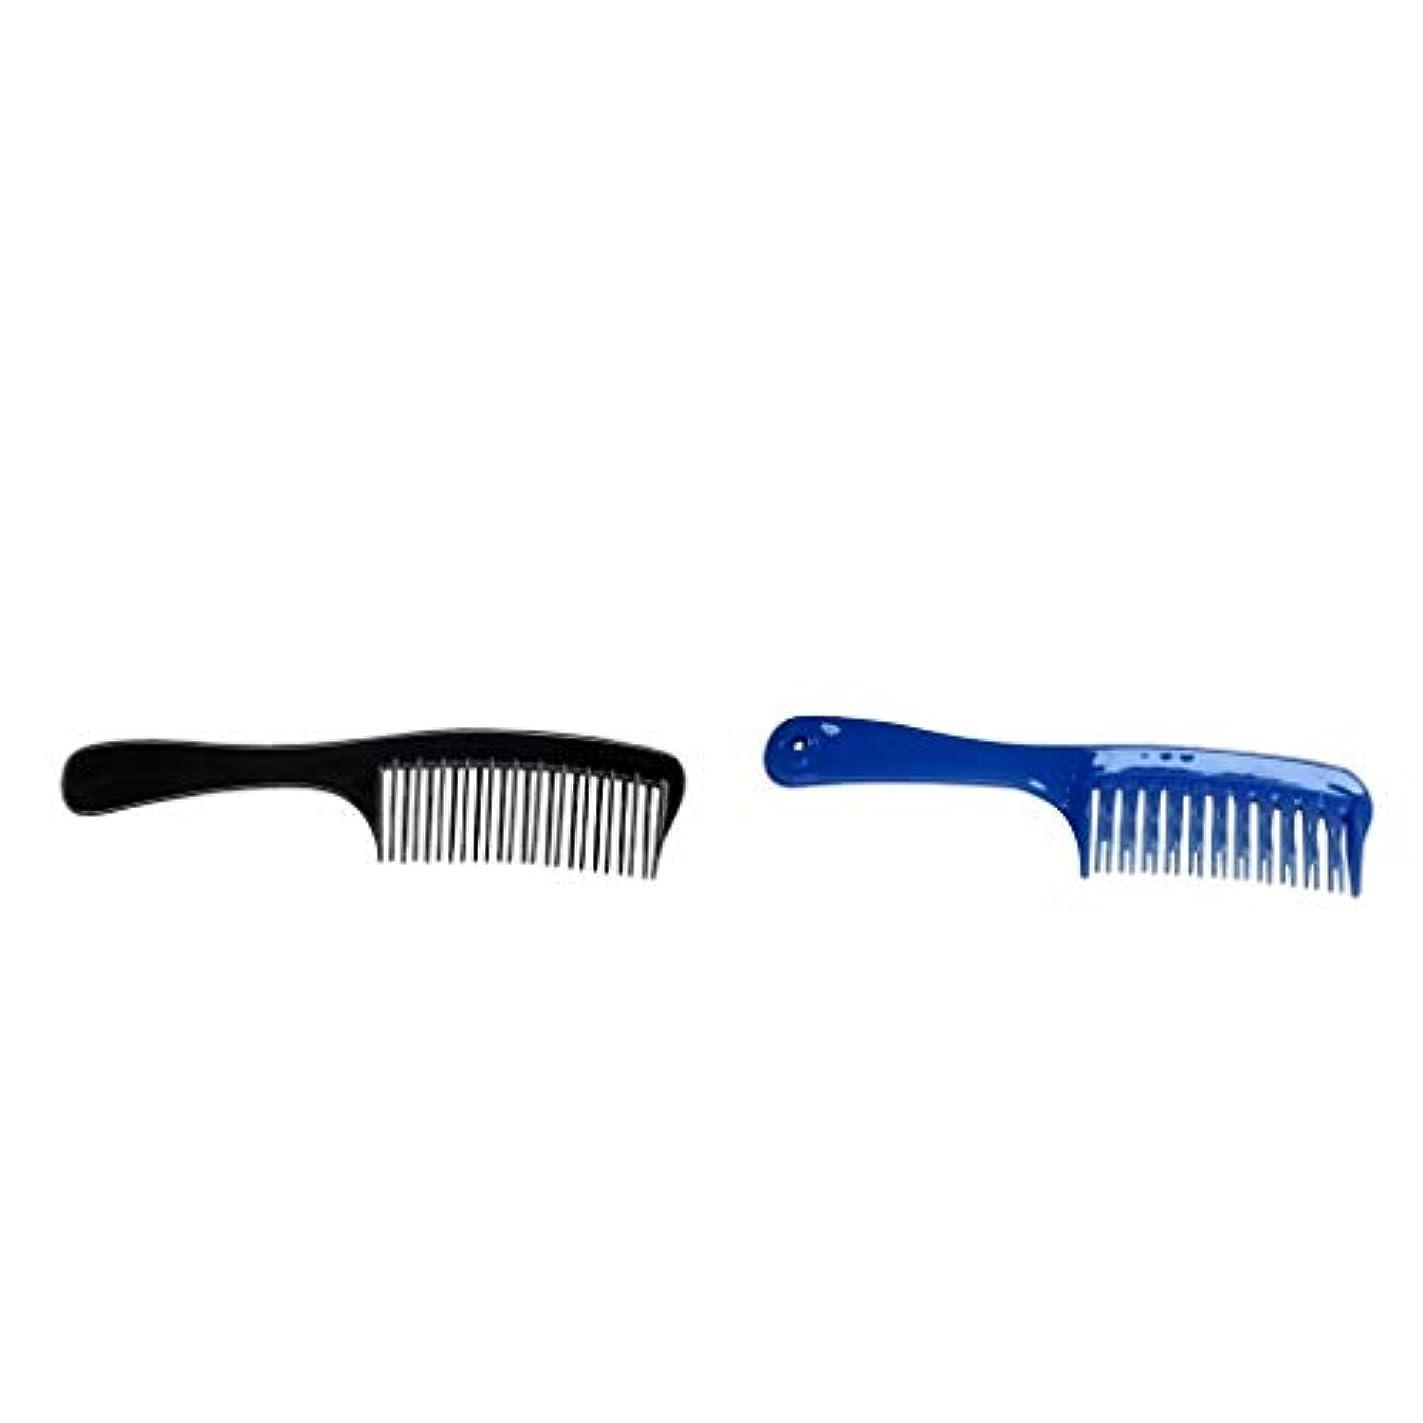 バーベキュークリア賭けToygogo 理髪店大きいDetanglerのもつれを解く毛の櫛、二重湾曲した歯の櫛様式、耐久のプラスチック、抵抗力がある漂白剤の色